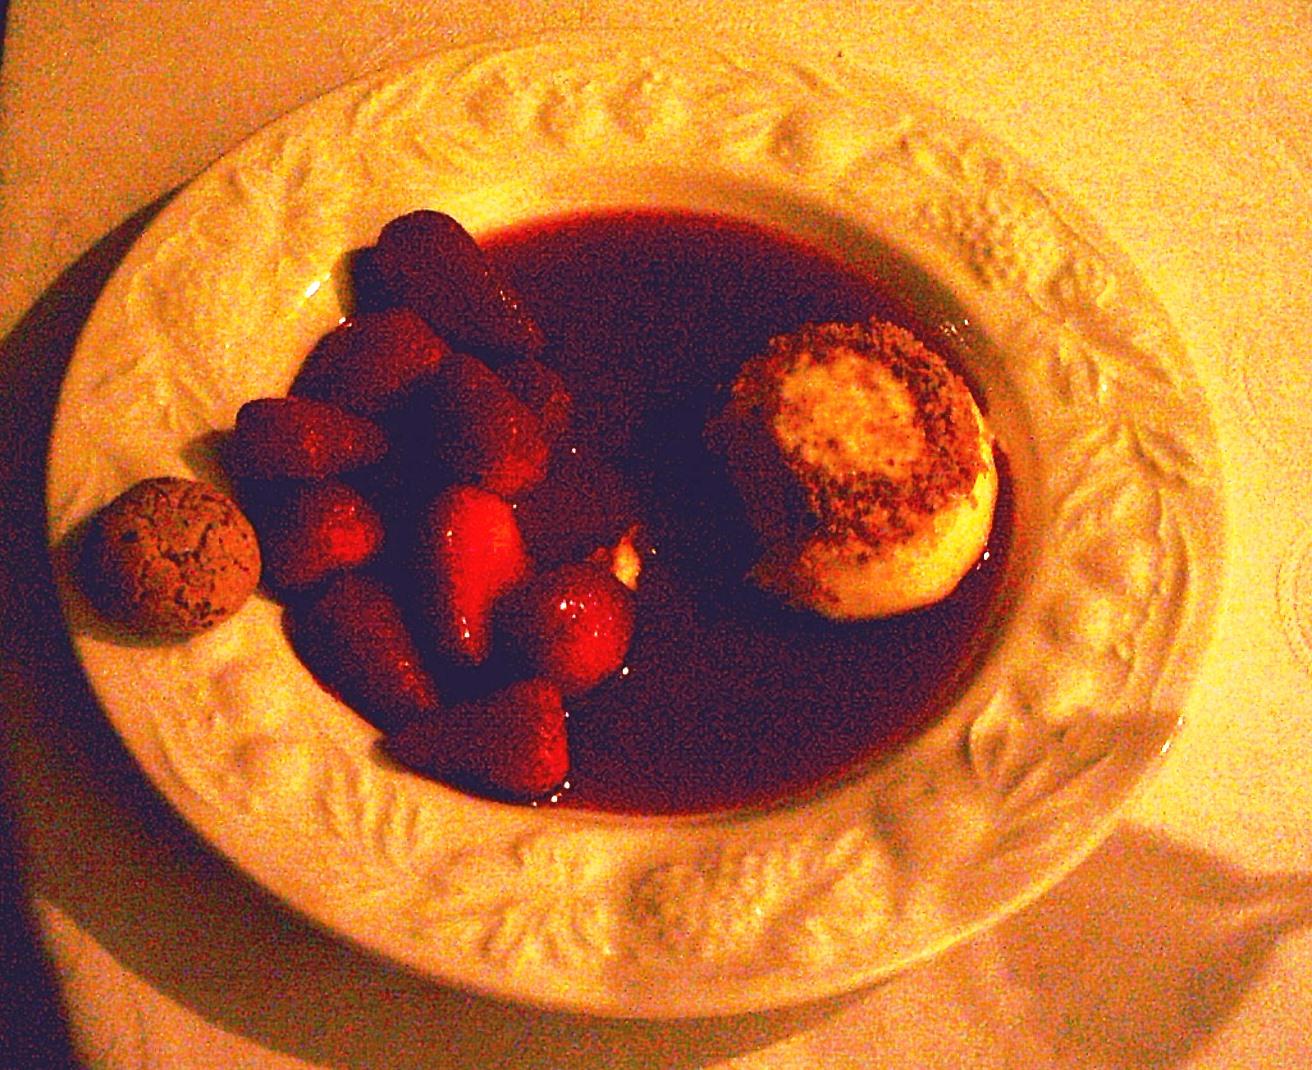 Das Dessert - kein Spargel mehr - leider kein gutes Foto.